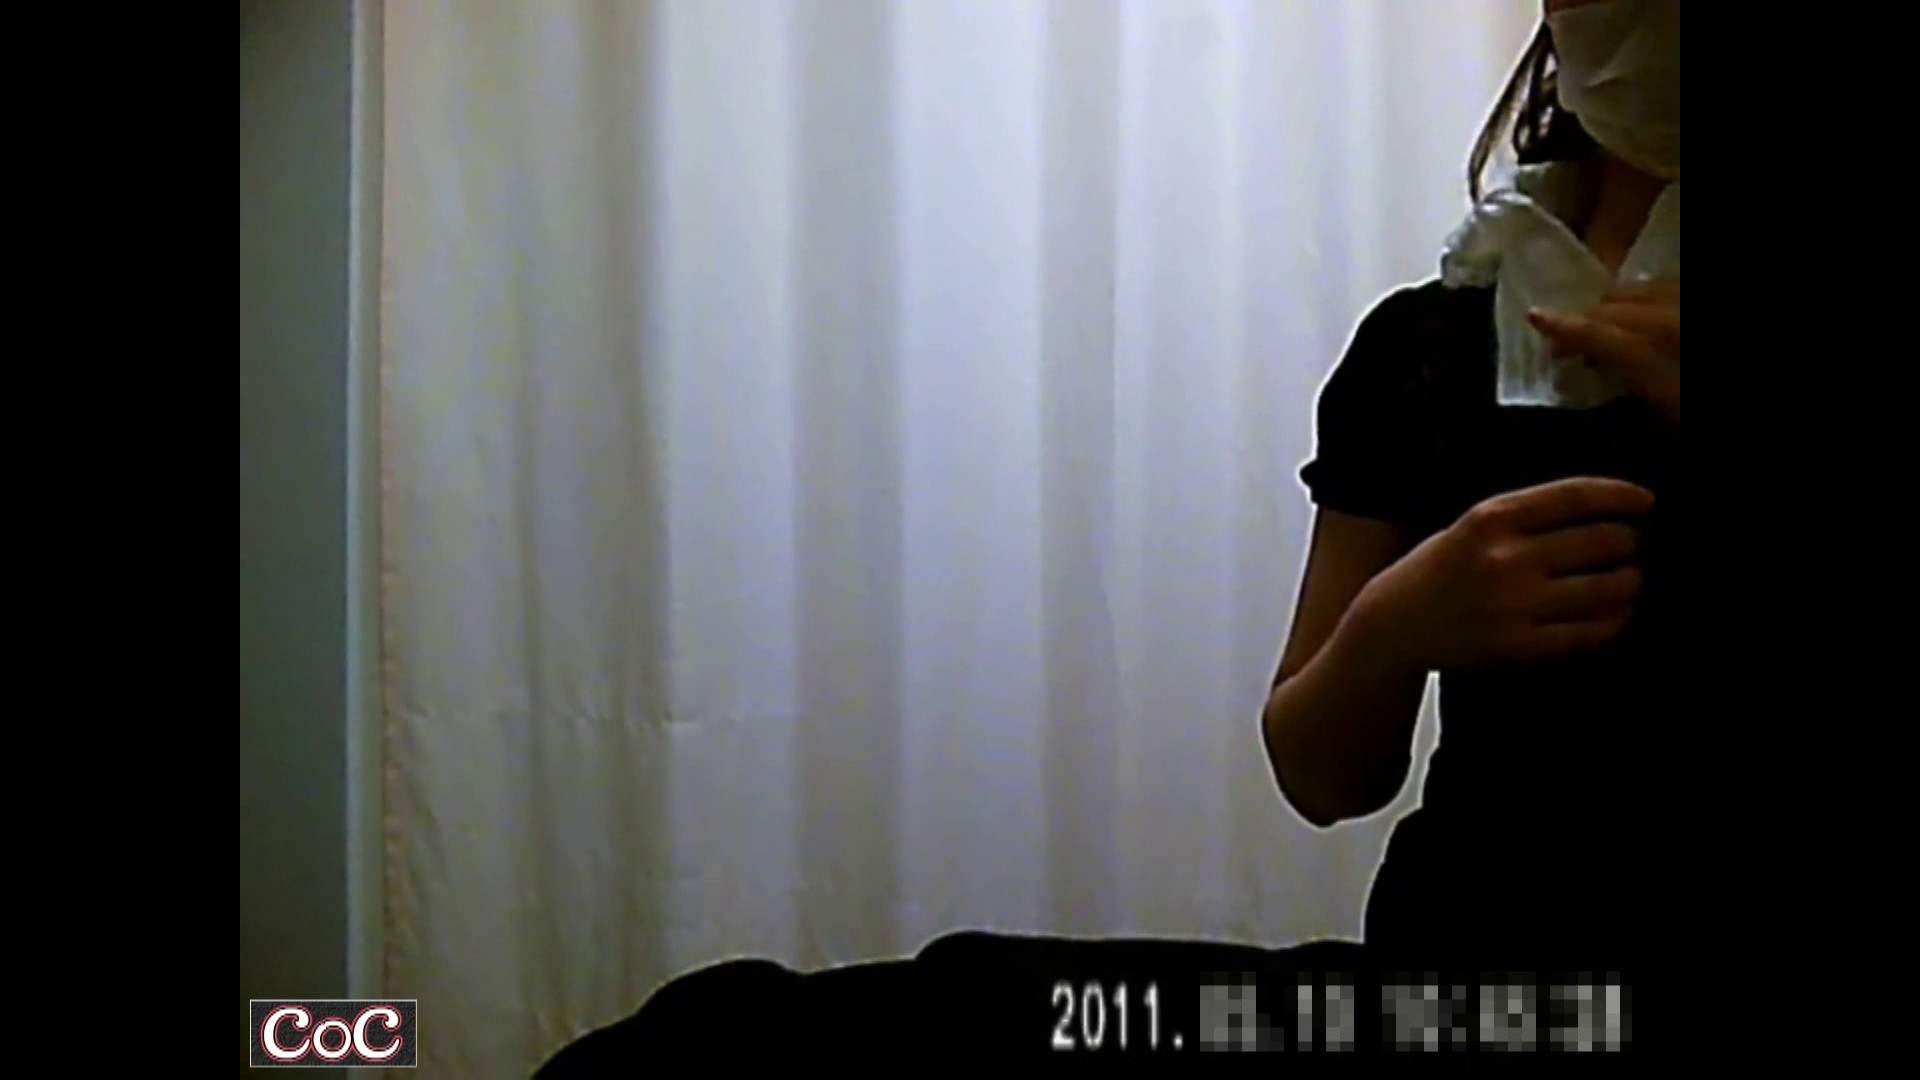 元医者による反抗 更衣室地獄絵巻 vol.201 盛合せ | 0  47画像 19